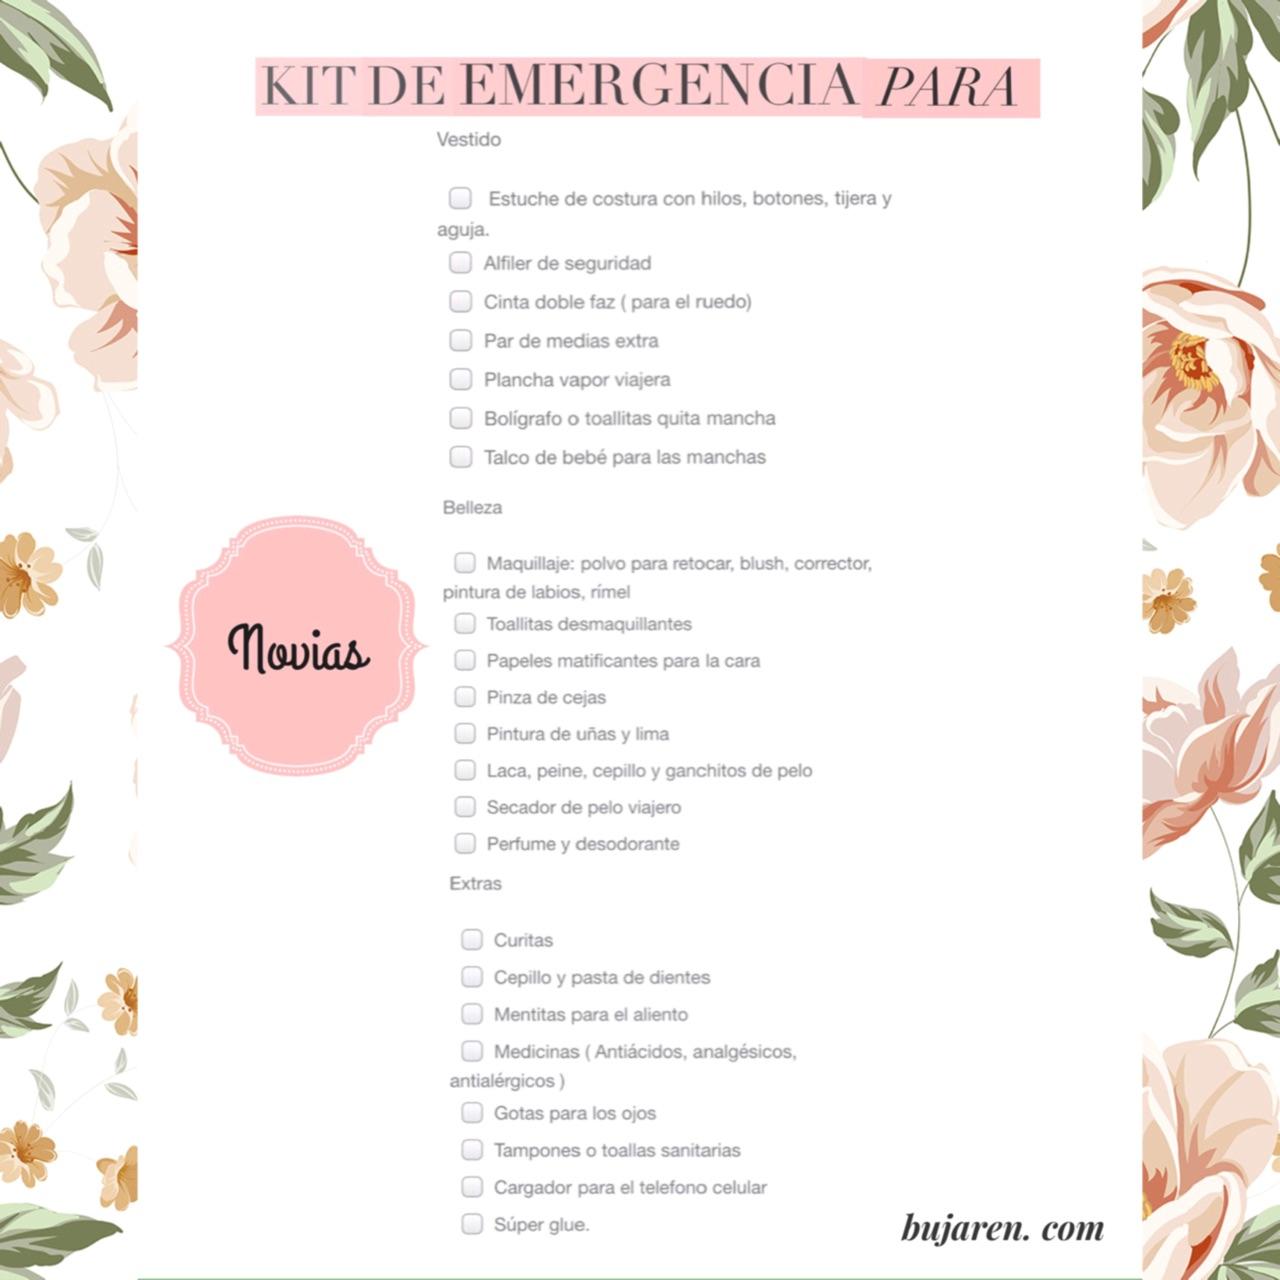 Kit de emergencia para novias